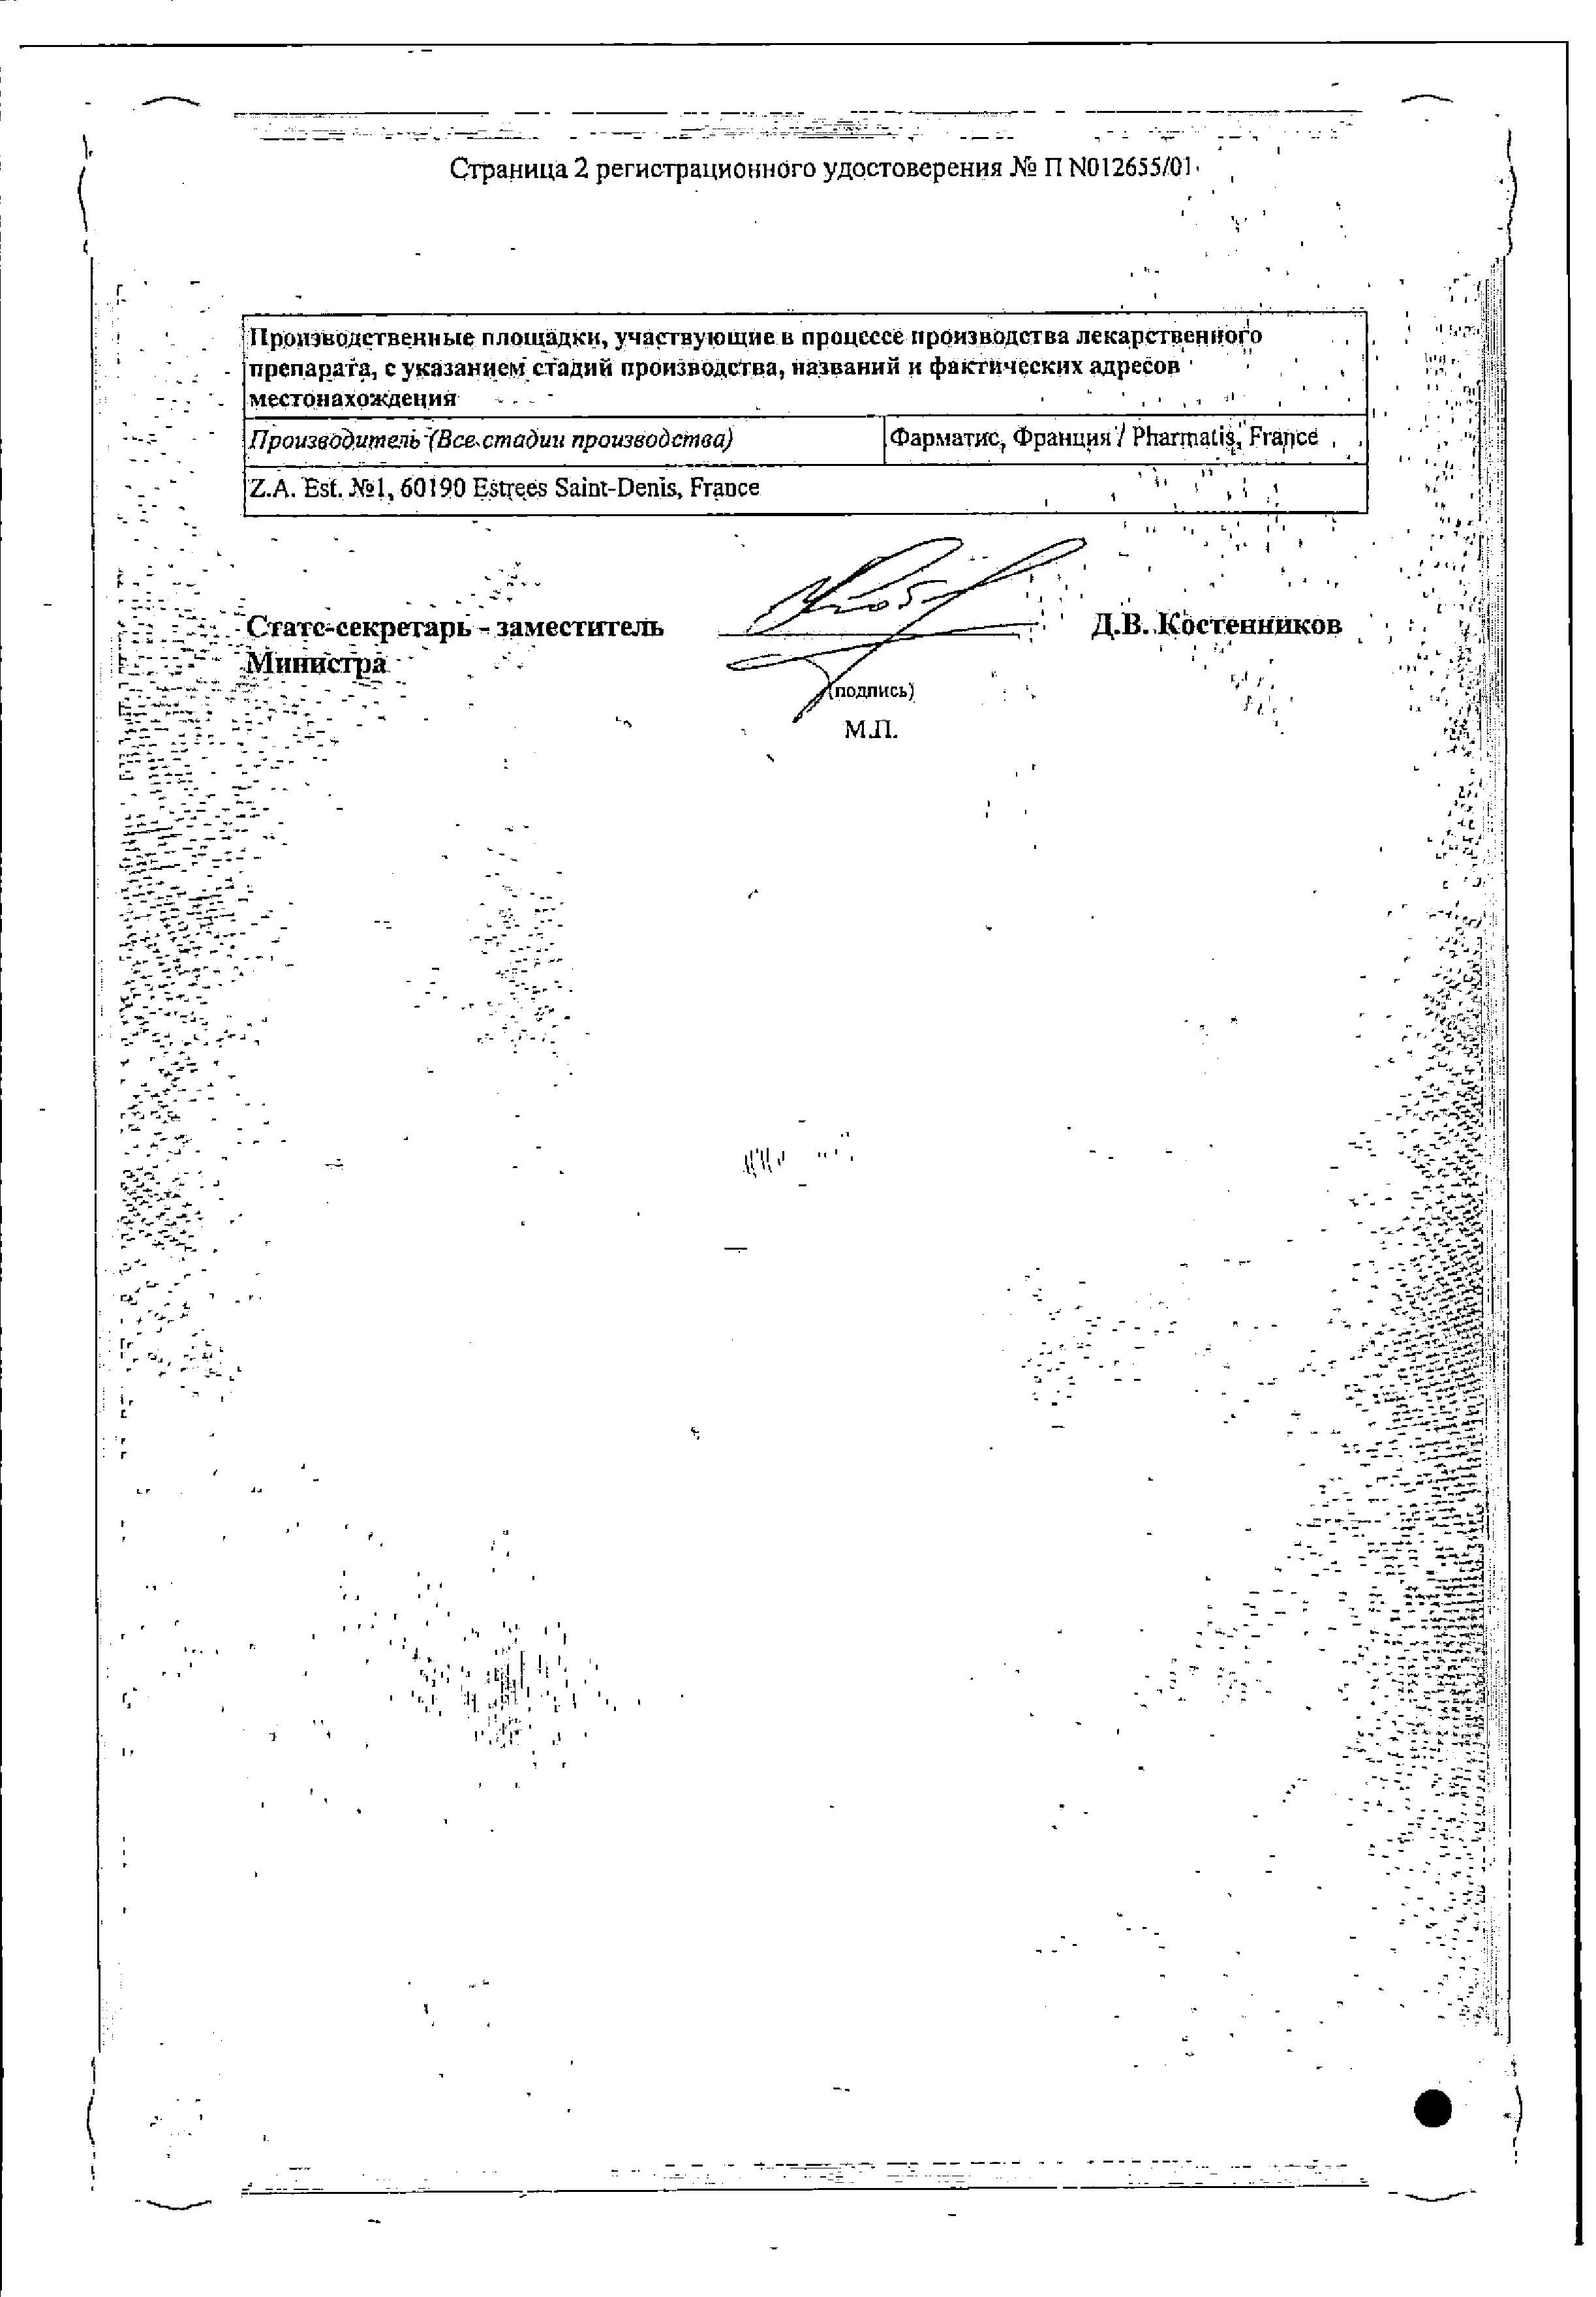 Фосфалюгель сертификат